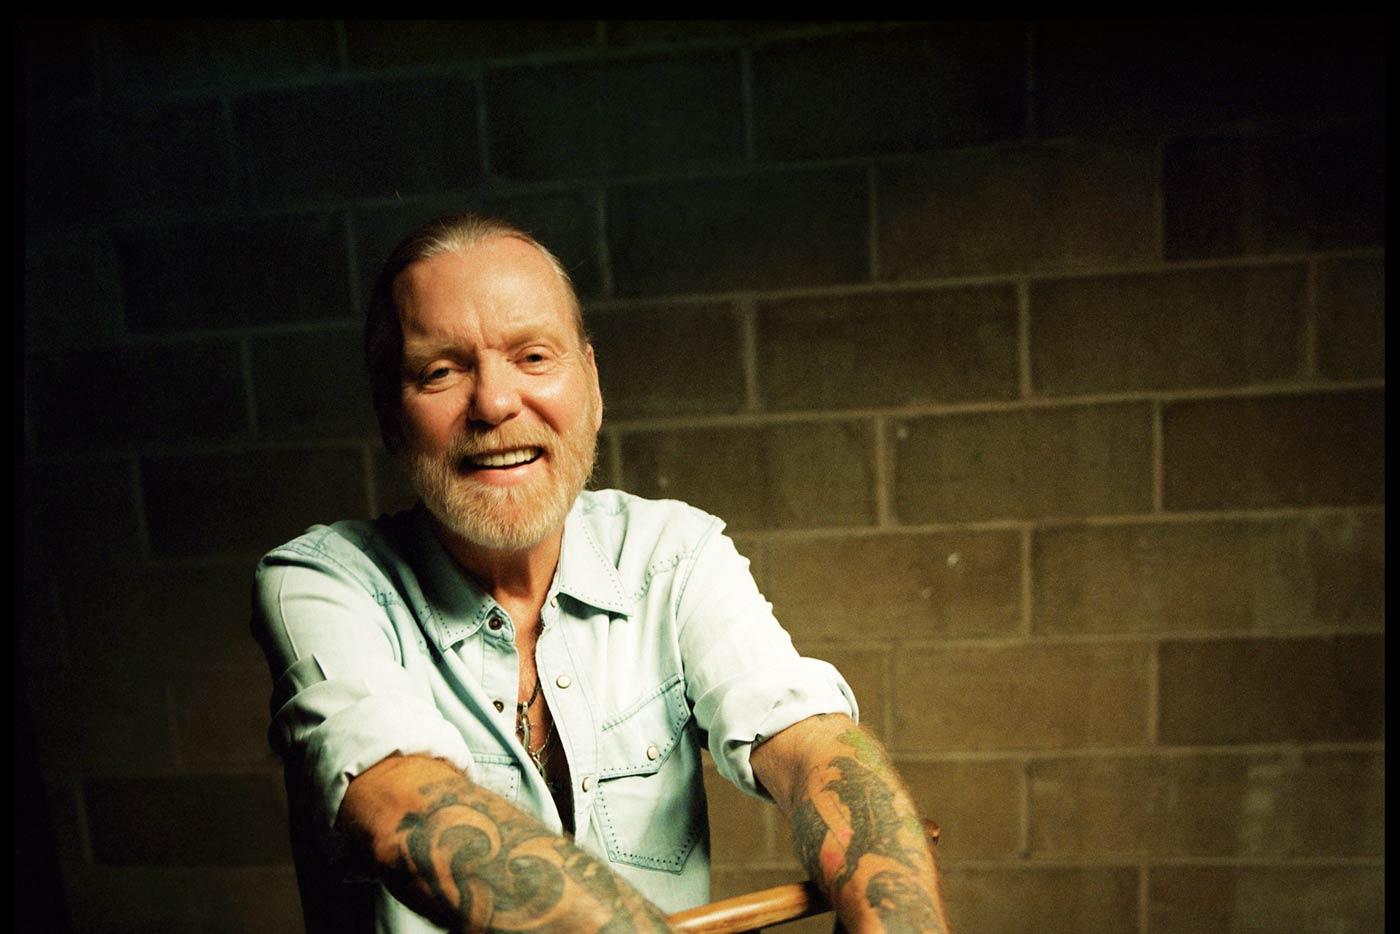 Muere a los 69 años Gregg Allman